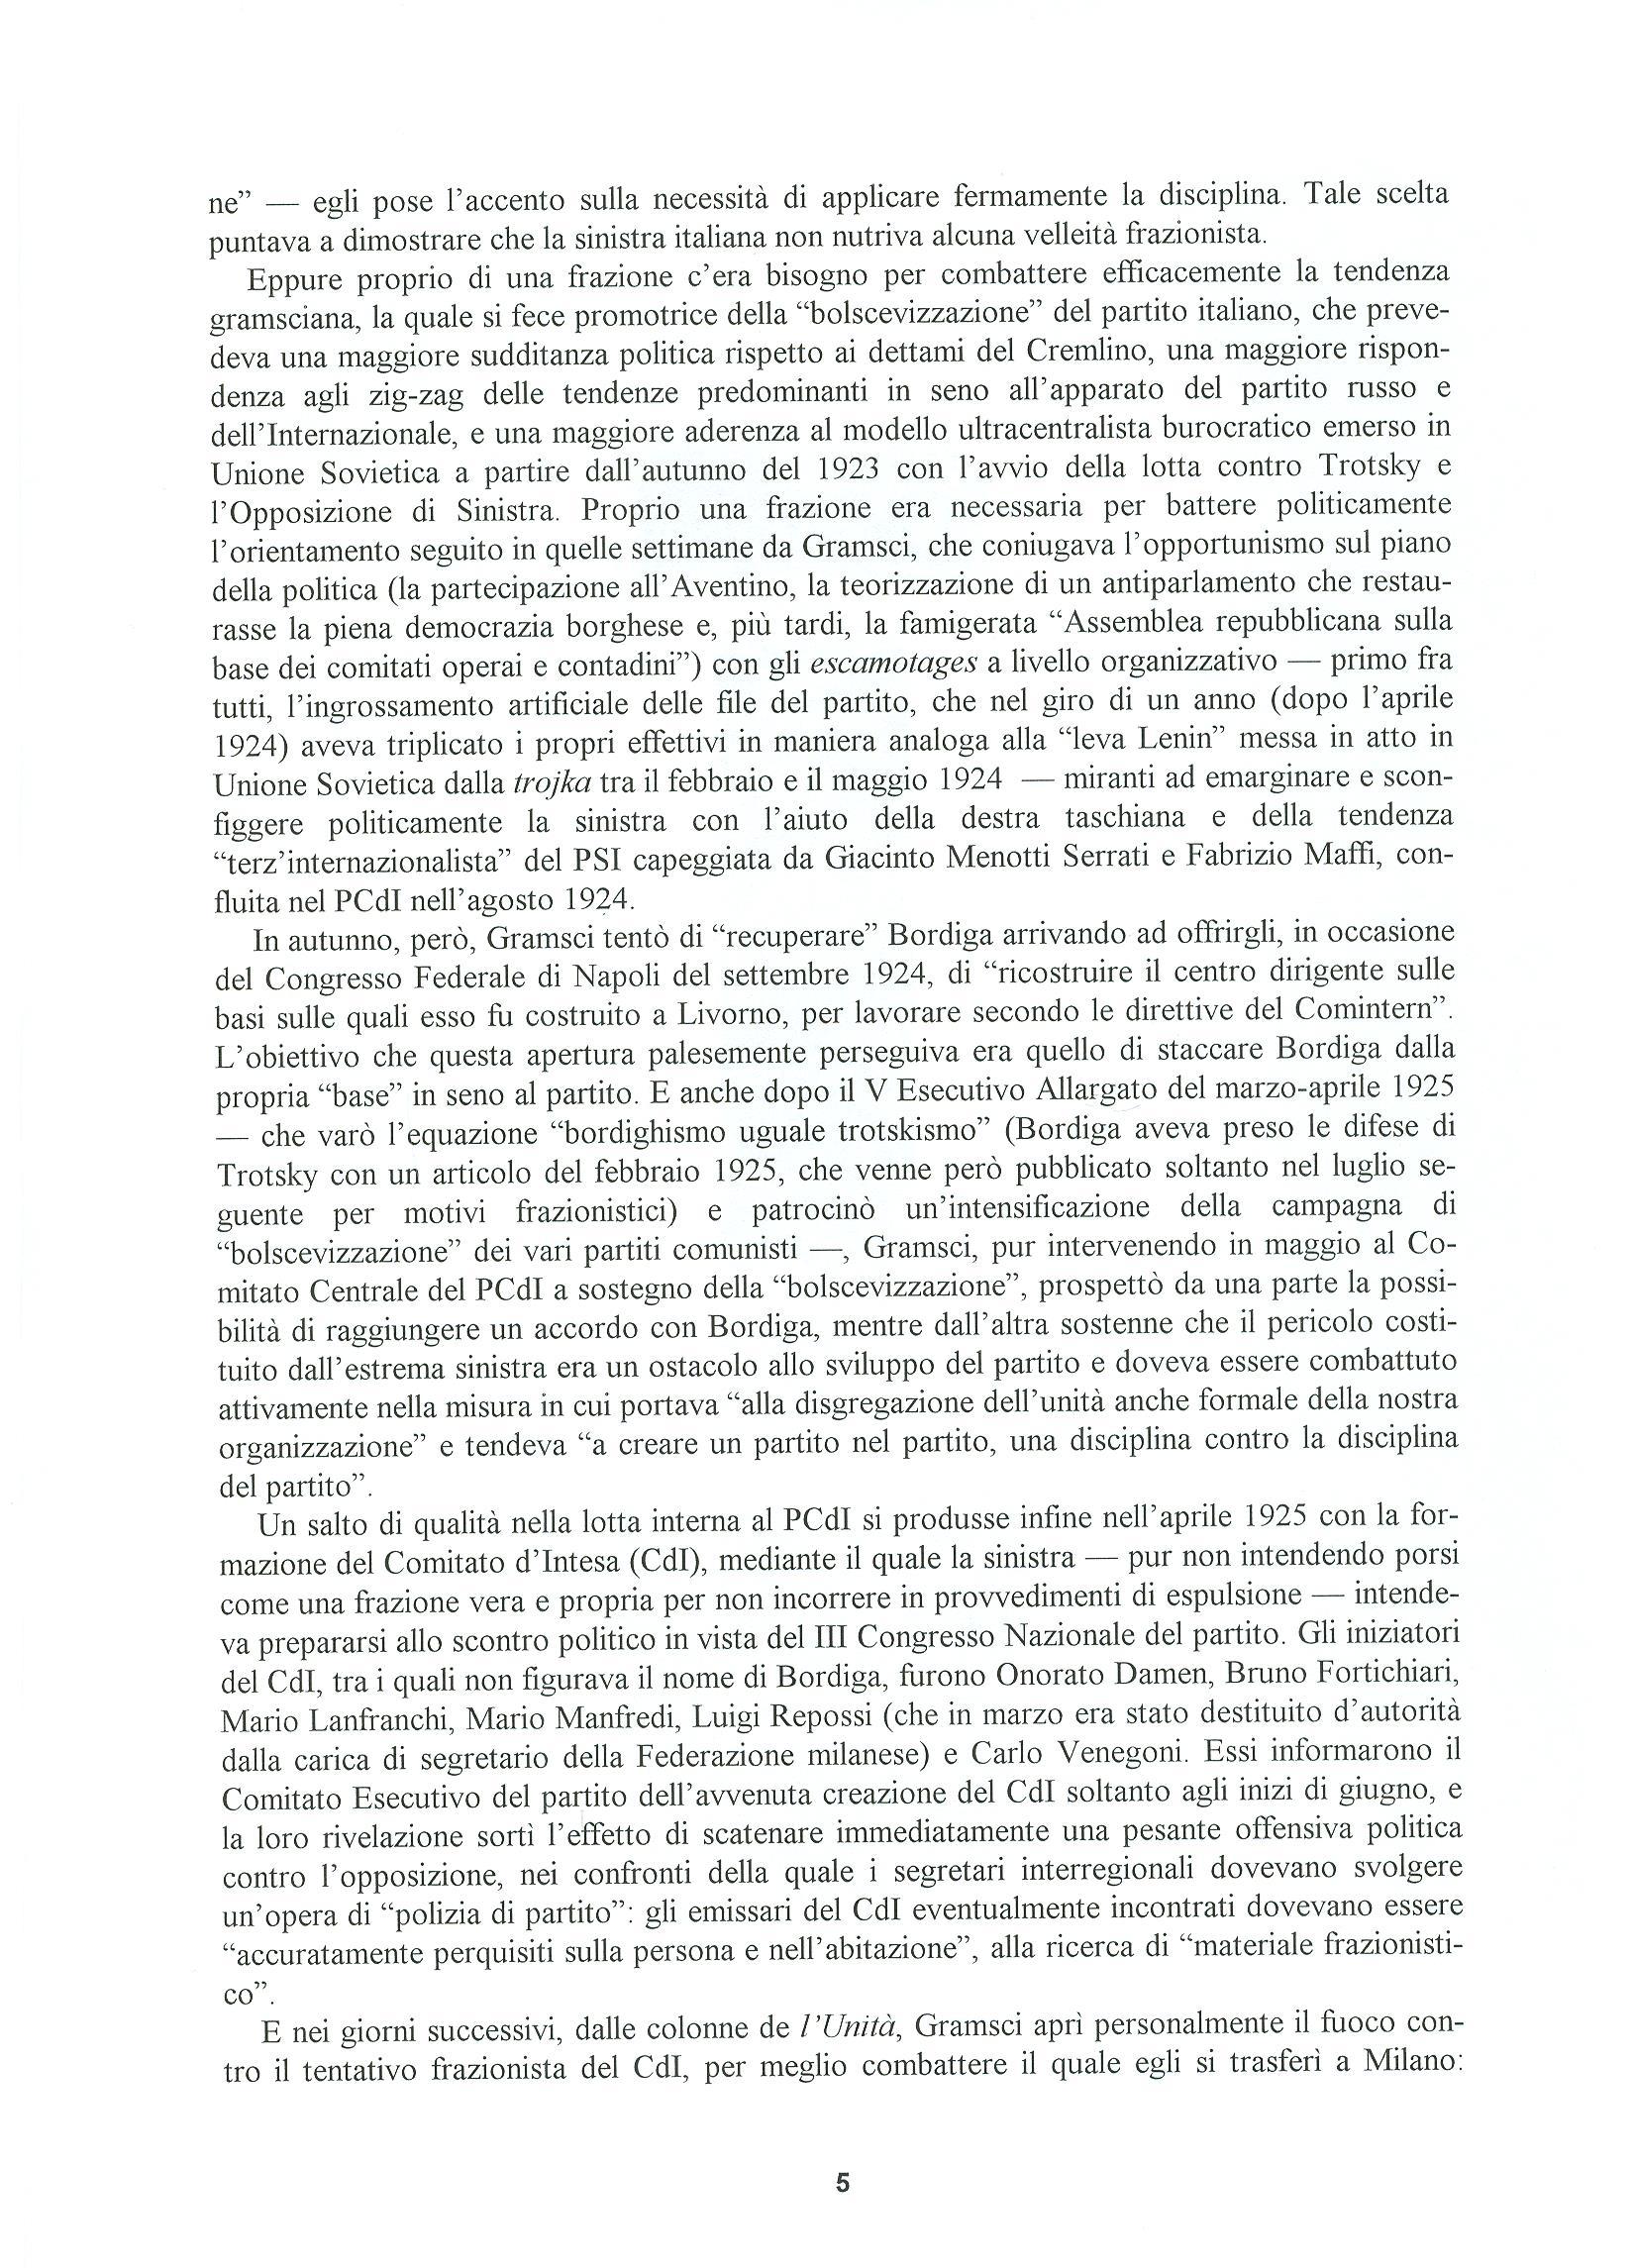 Quaderni del Centro Studi Pietro Tresso (1996-2009) n. 14 (novembre 1998) - pag. 6